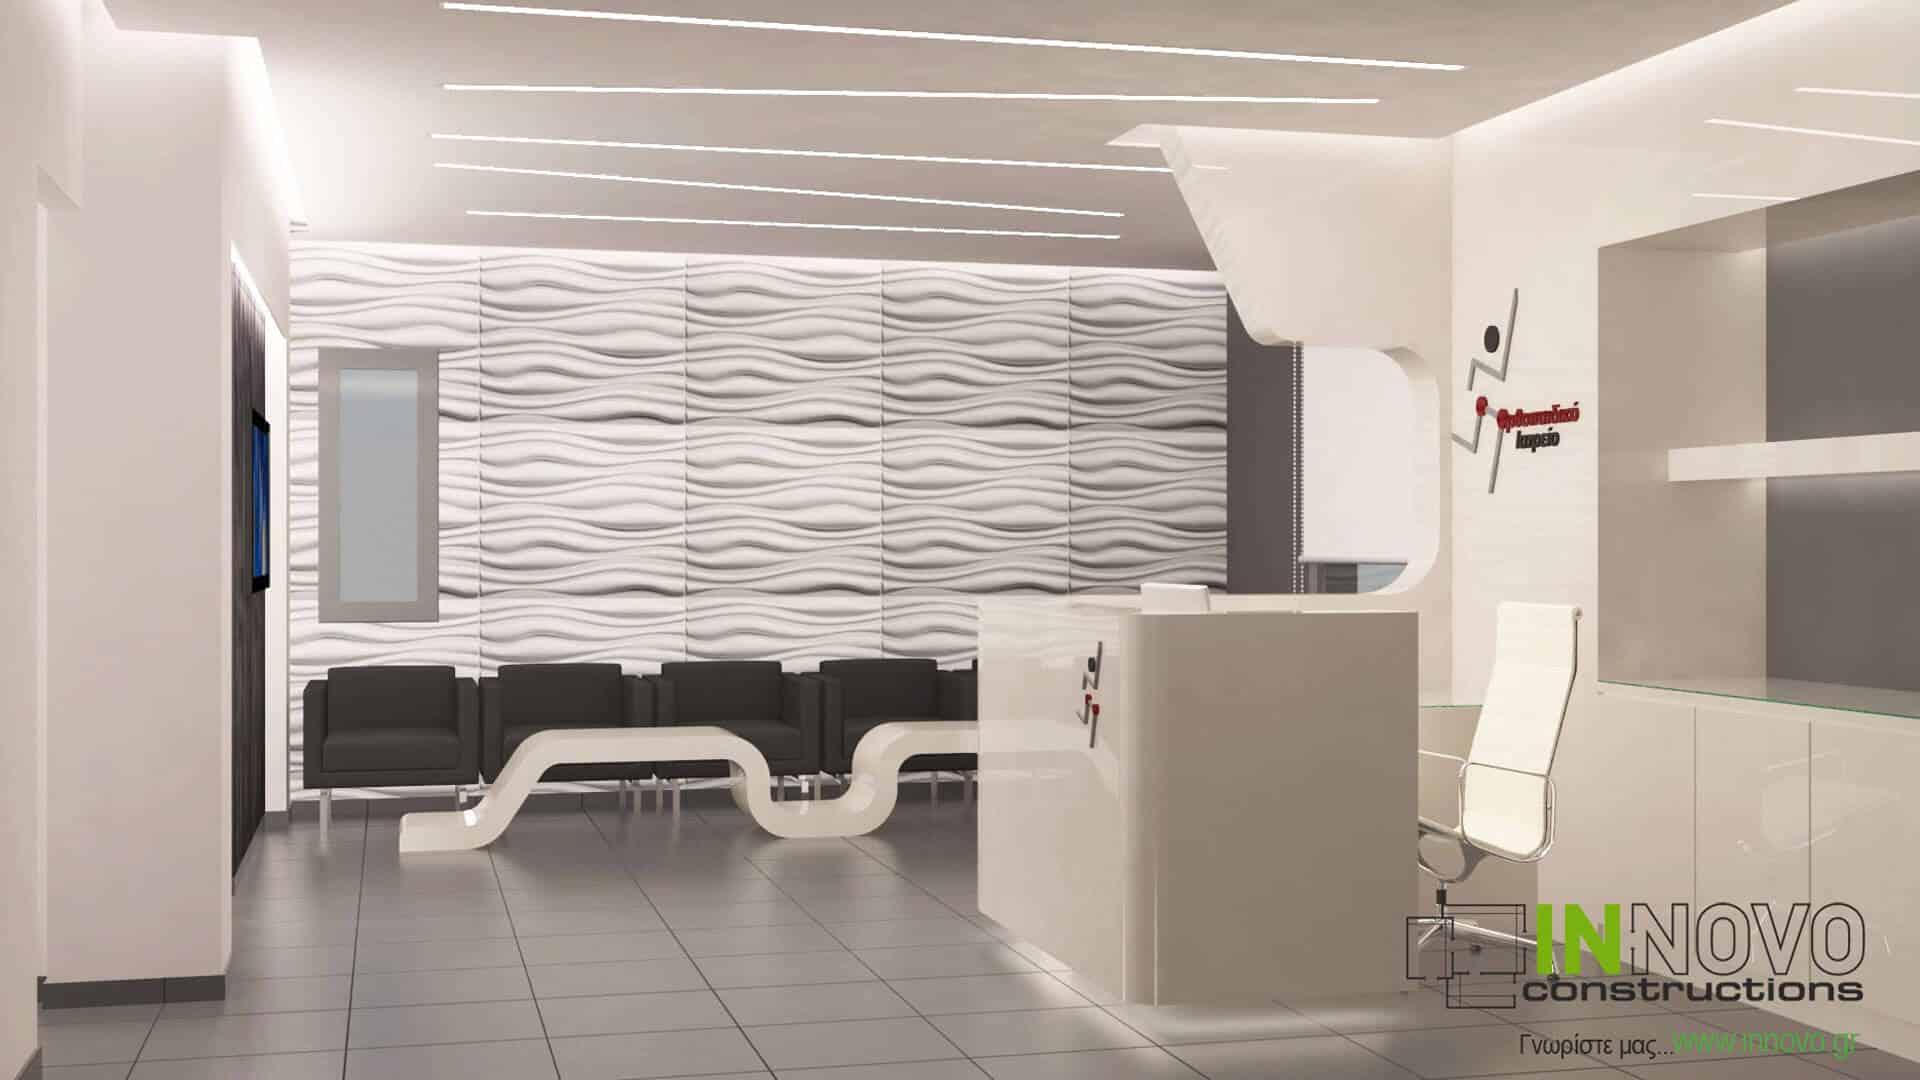 Σχεδιασμός ανακαίνισης ιατρείου ορθοπεδικού στη Νέα Σμύρνη